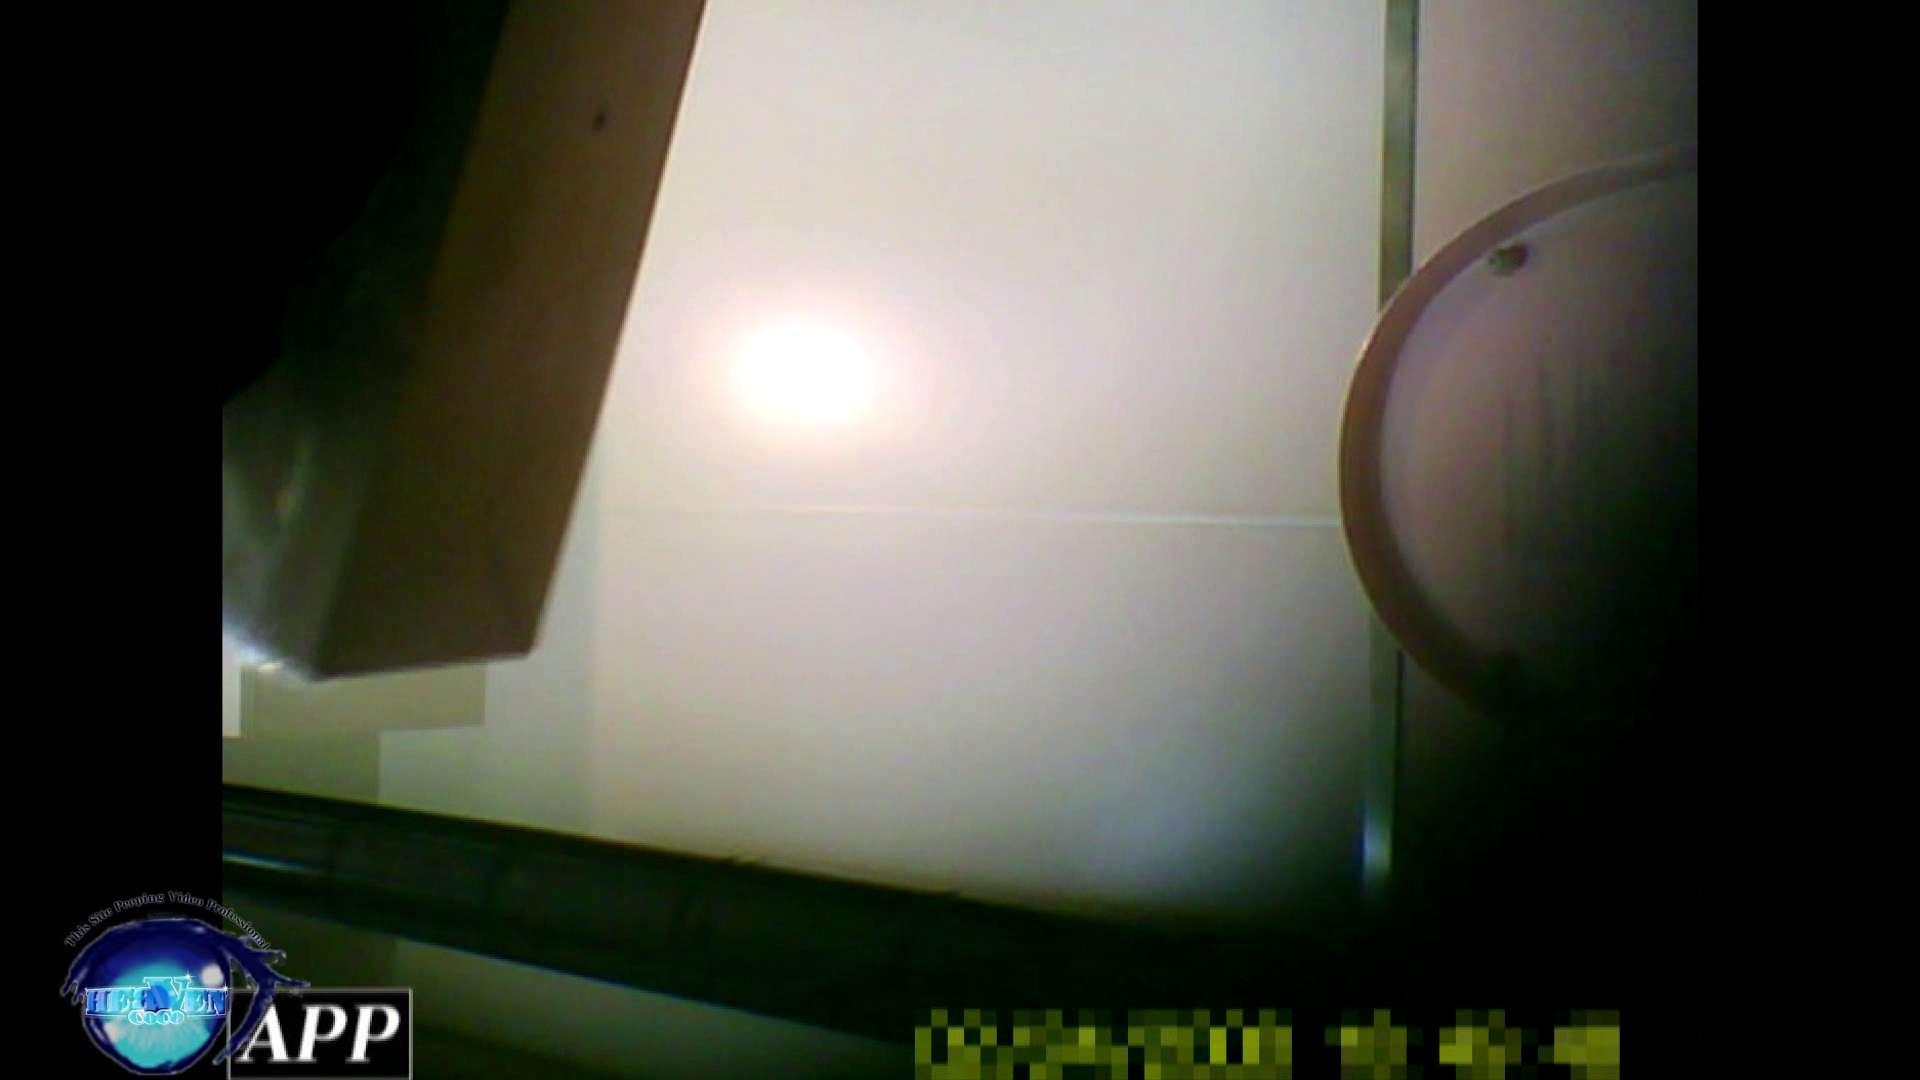 三つ目で盗撮 vol.01 肛門丸見え 盗み撮り動画キャプチャ 103pic 49